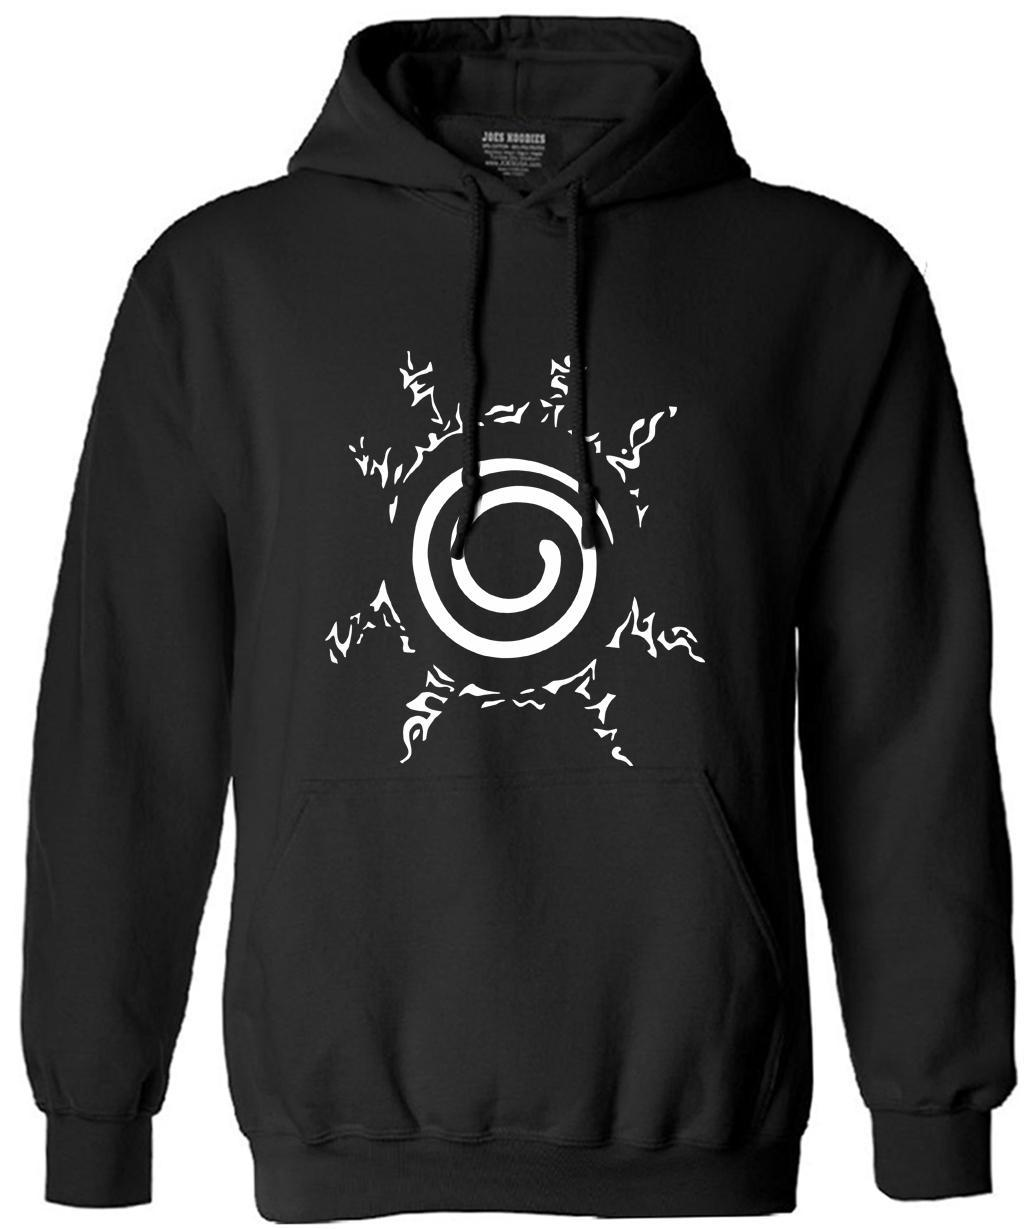 komik sonbahar sıcak anime sweatshirt erkekler kan gençlik Uzumaki Naruto Moda marka giyim hip hop spor erkek hoodies